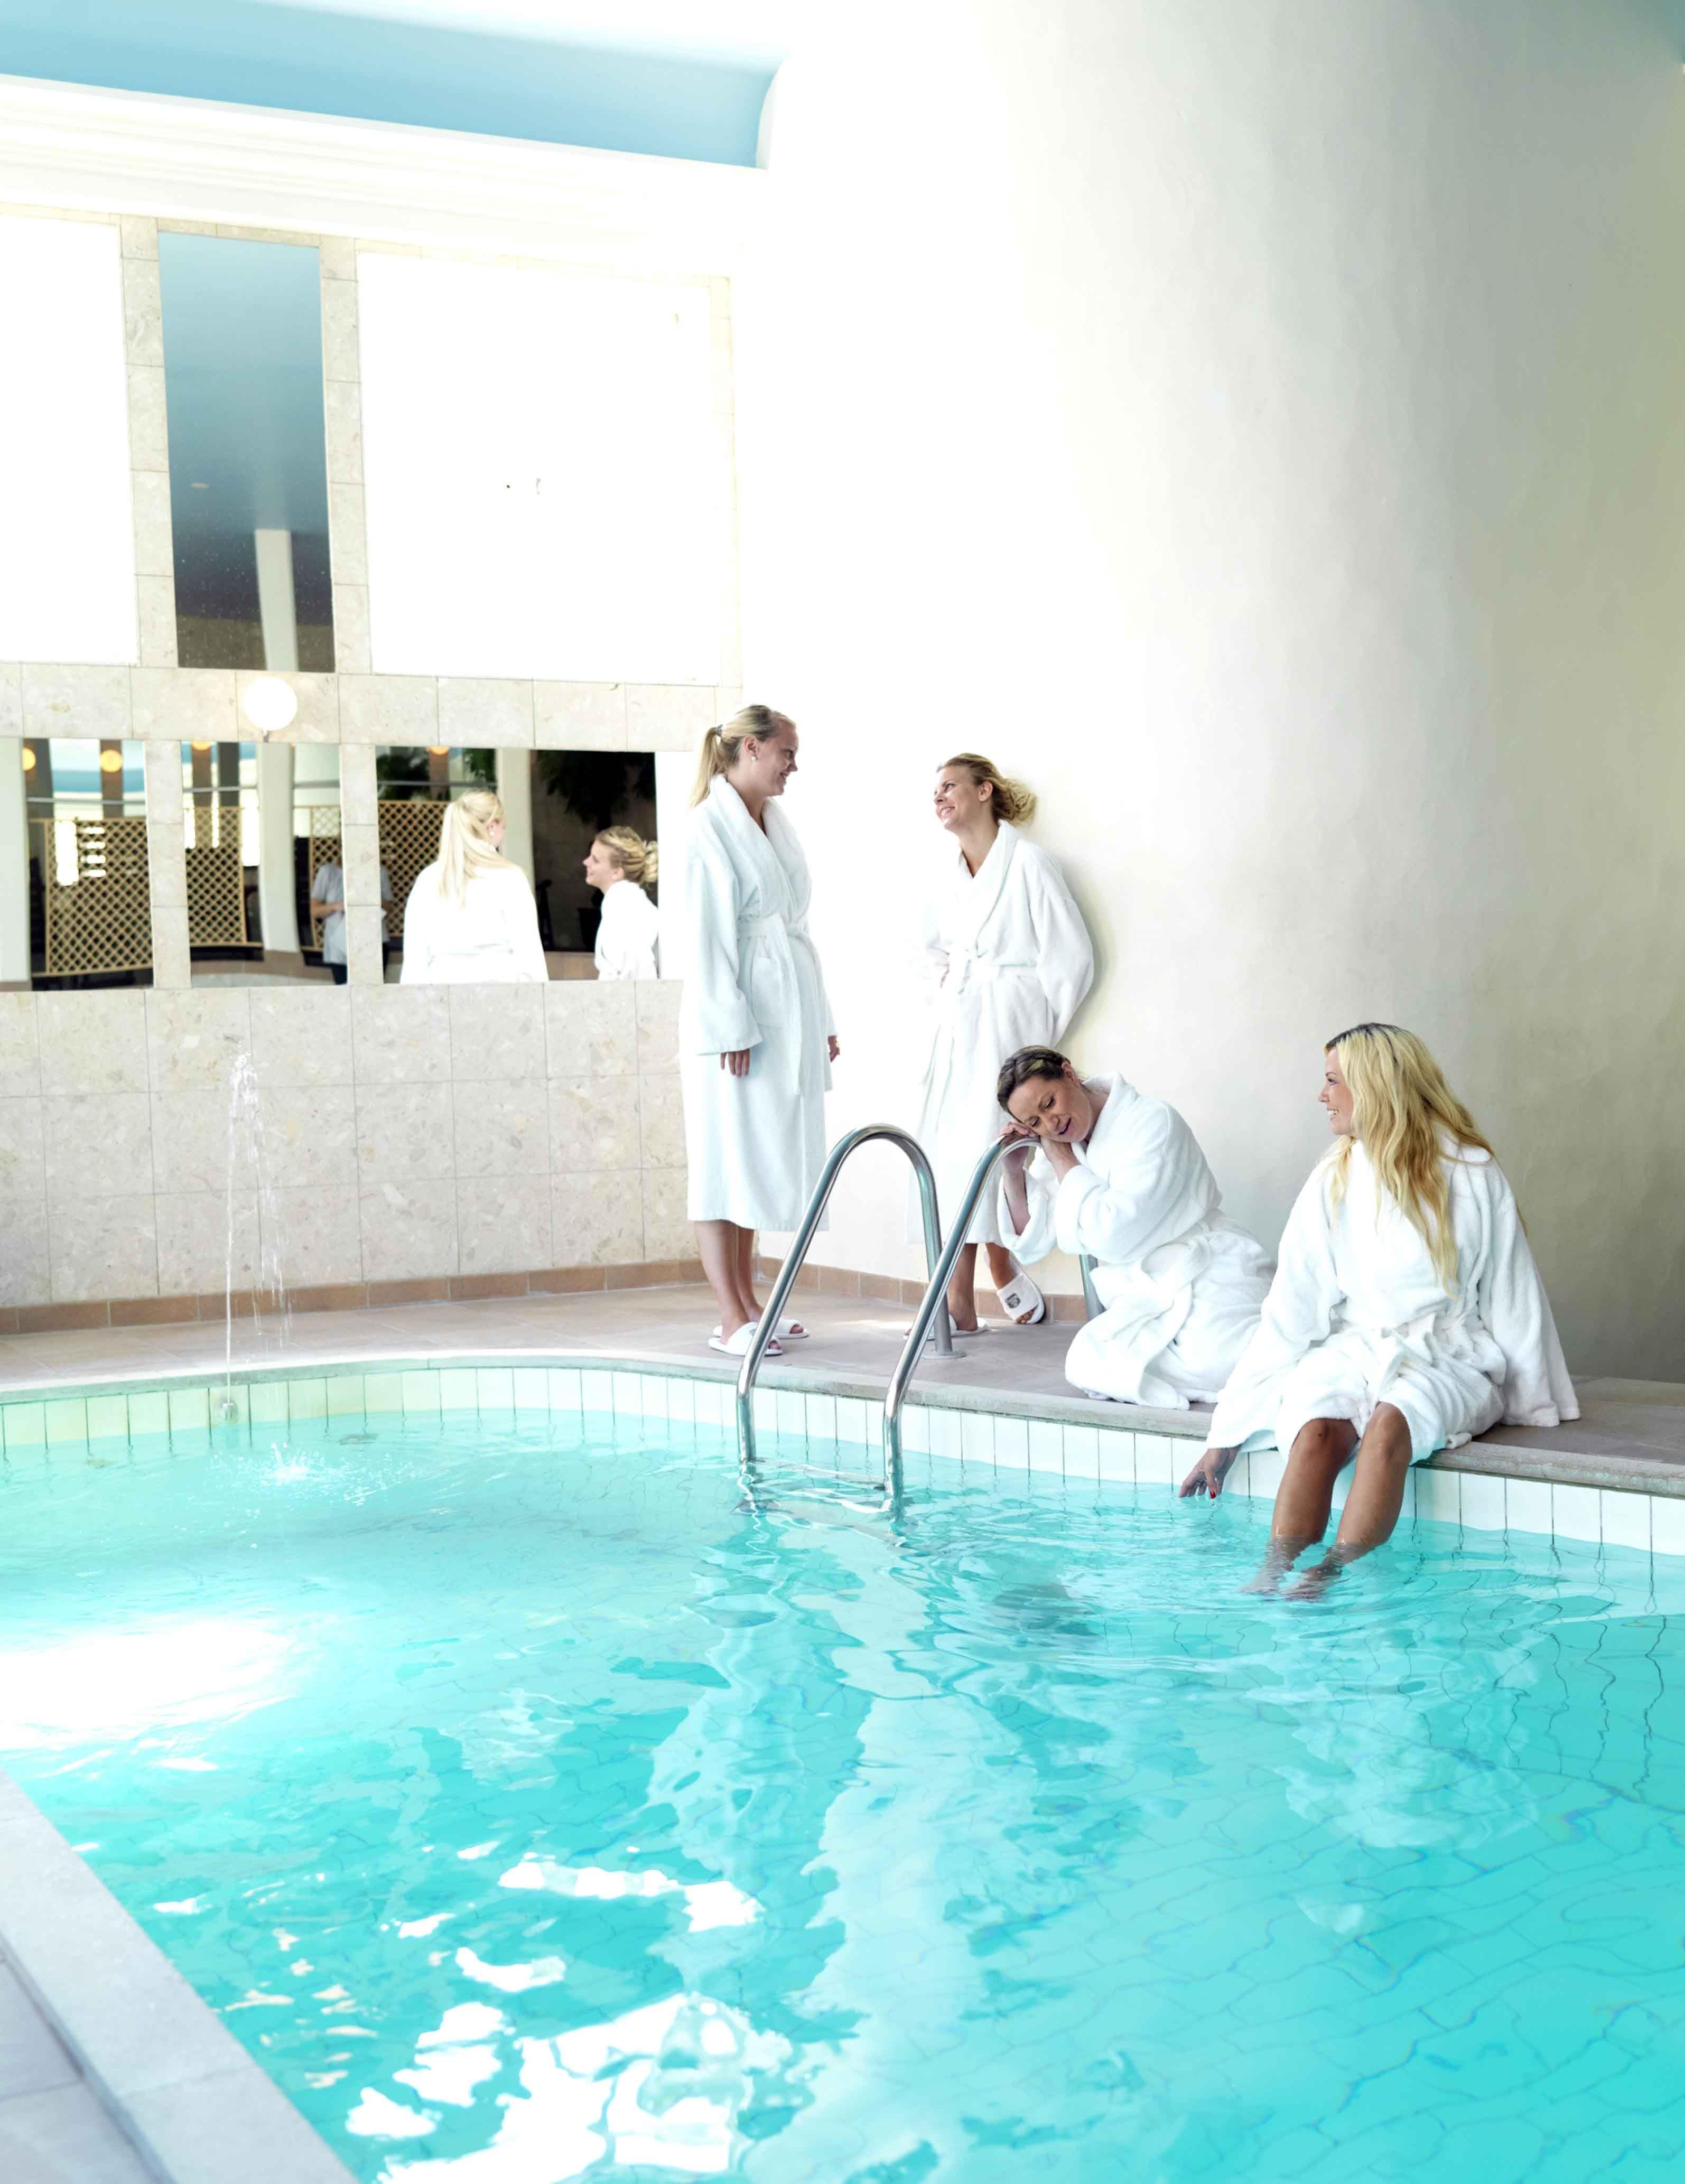 Willkommen im Best Western Strand Hotel in Visby!